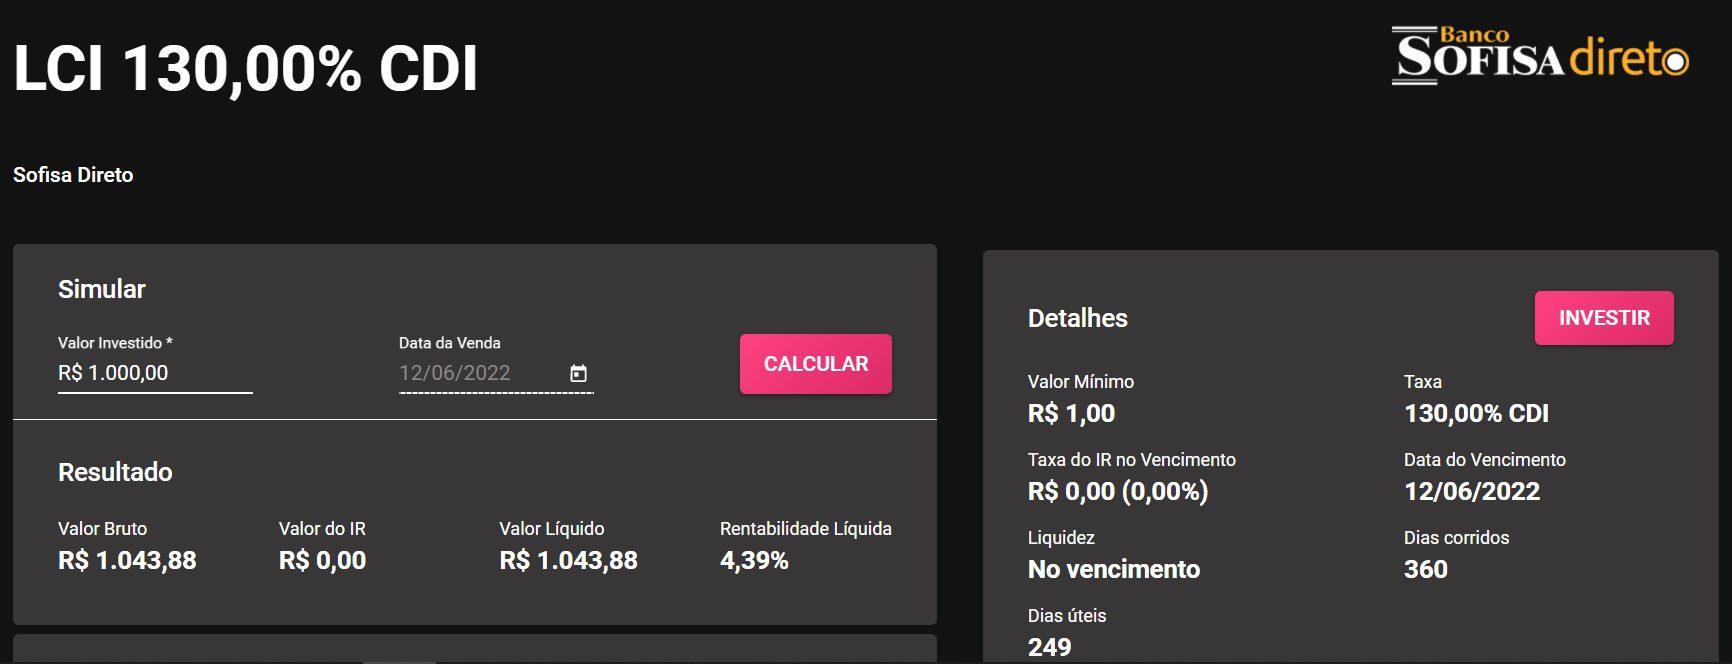 captura de tela de simulação de investimento no app renda fixa